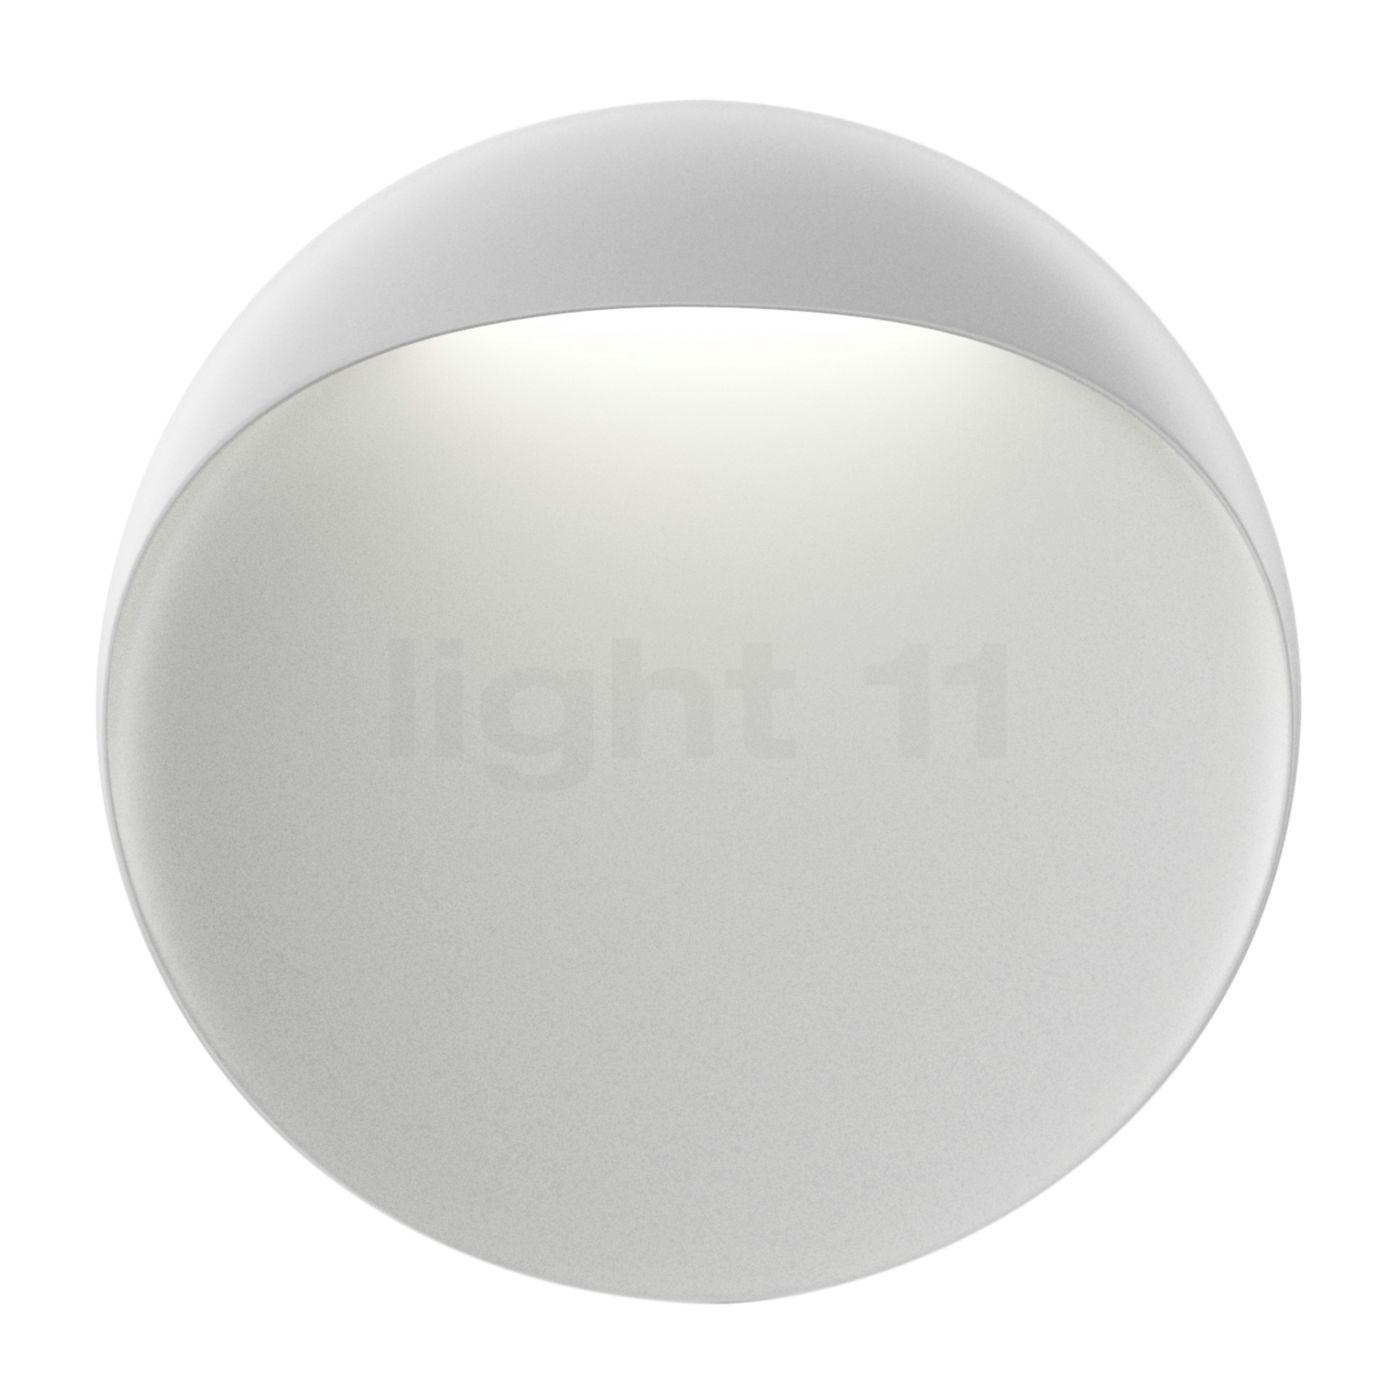 Louis Poulsen Flindt Wandleuchte LED, weiß, ø40 cm 5747402209